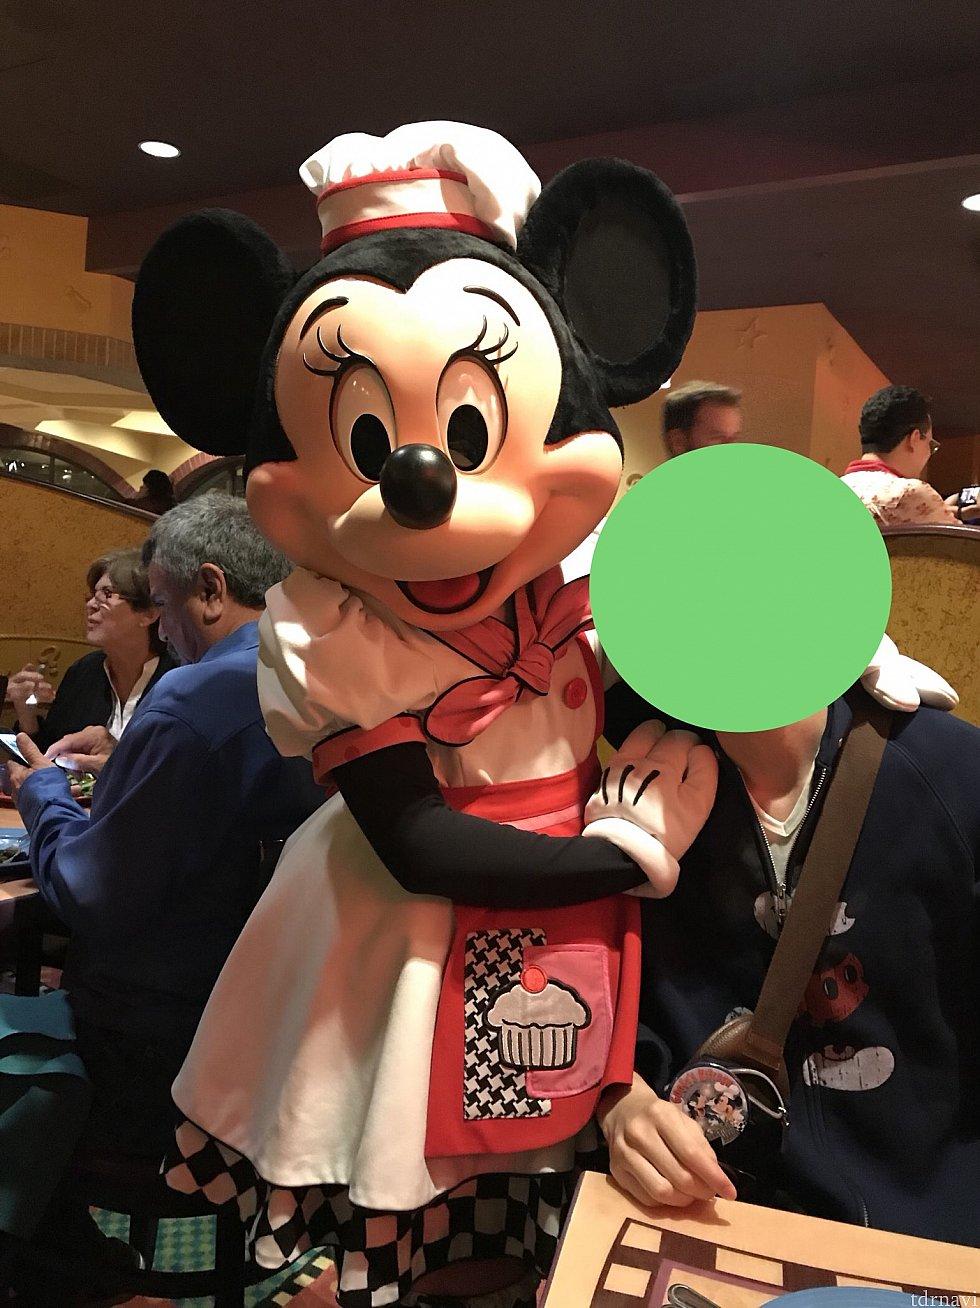 ミニーちゃん女子力がすごい!